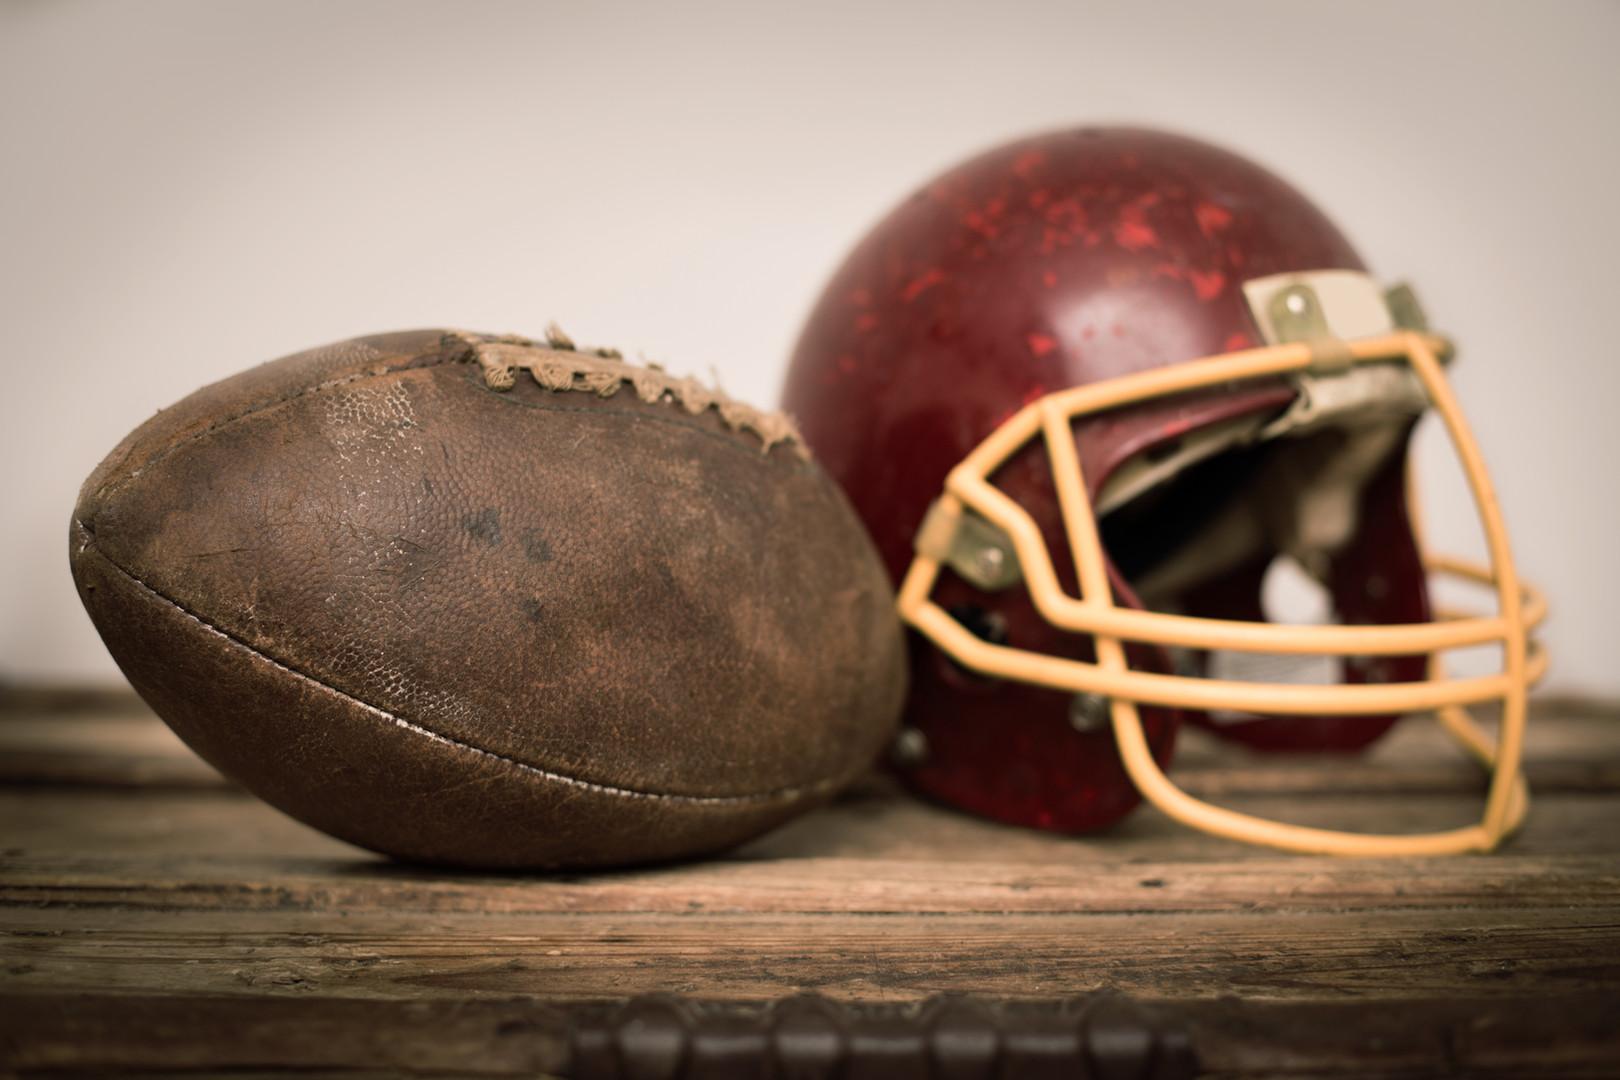 Vintage Helmet and American Football Ball